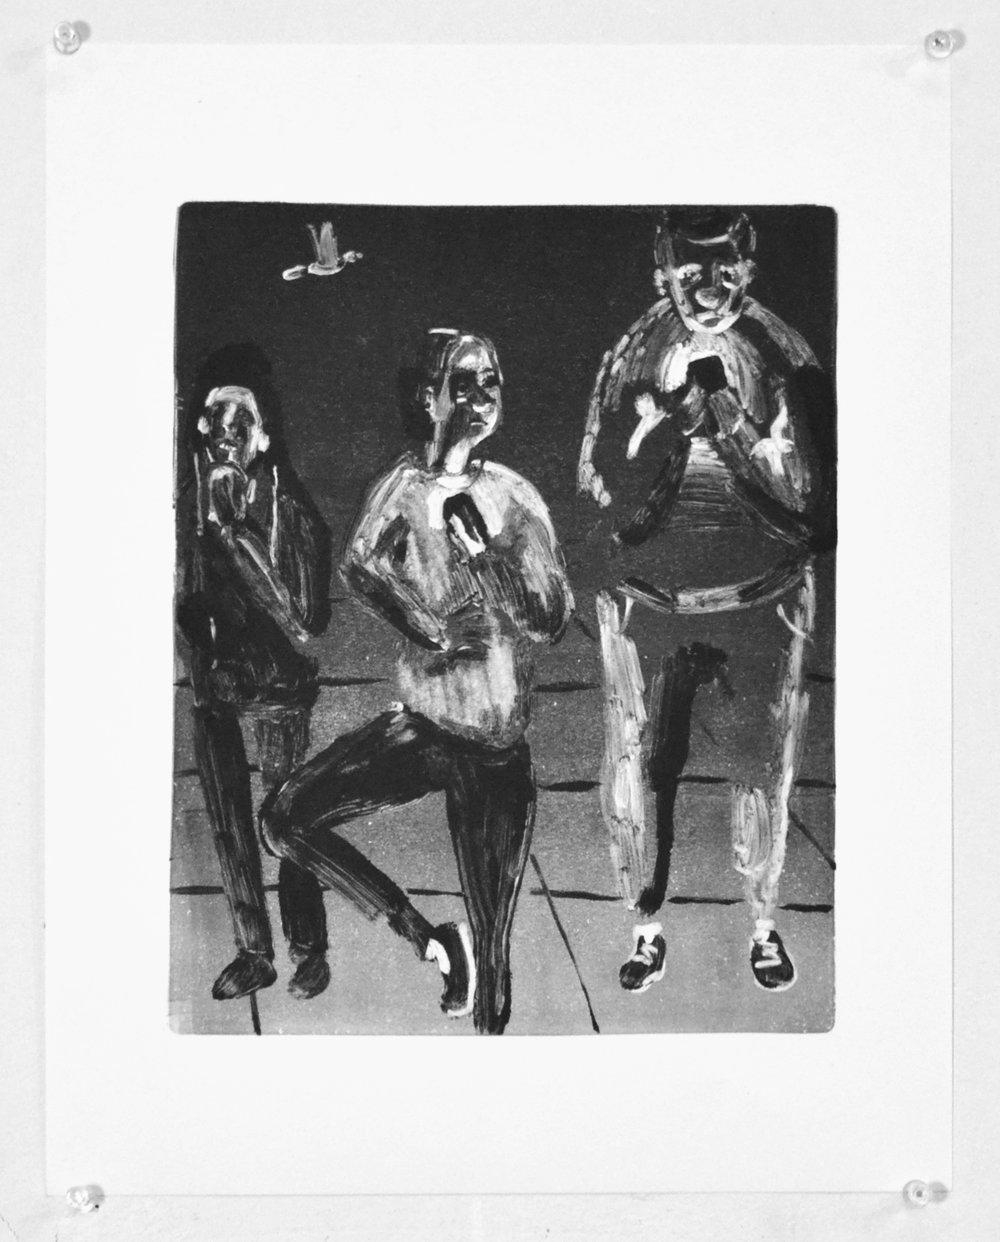 Dancer and Men on Phones